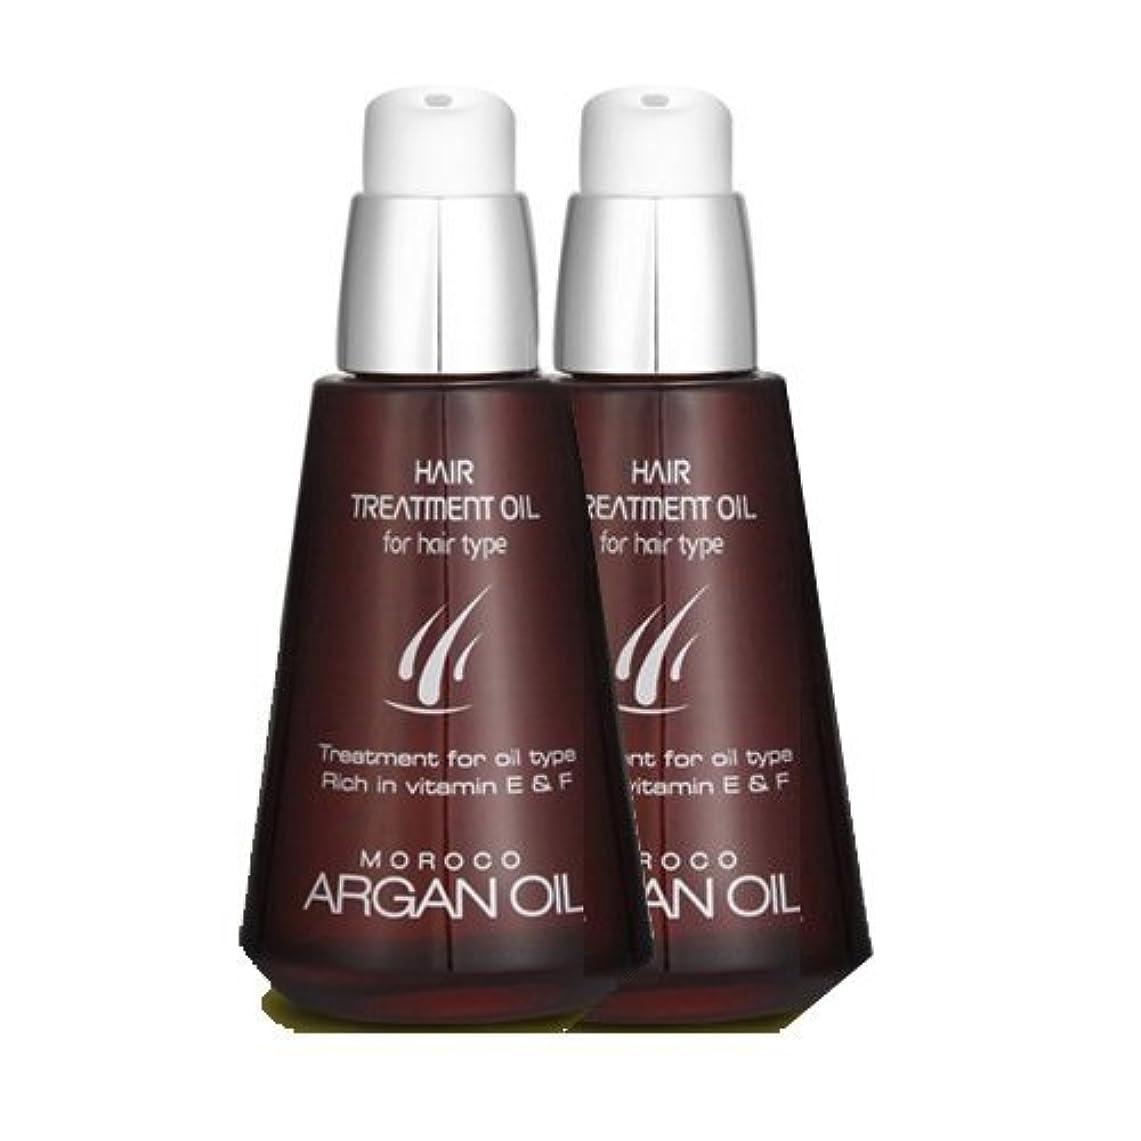 極貧シダ原因2個大事なあなたに/保湿/モロッコの伝統的な生産アルガンオイル100%30ml乾燥肌/